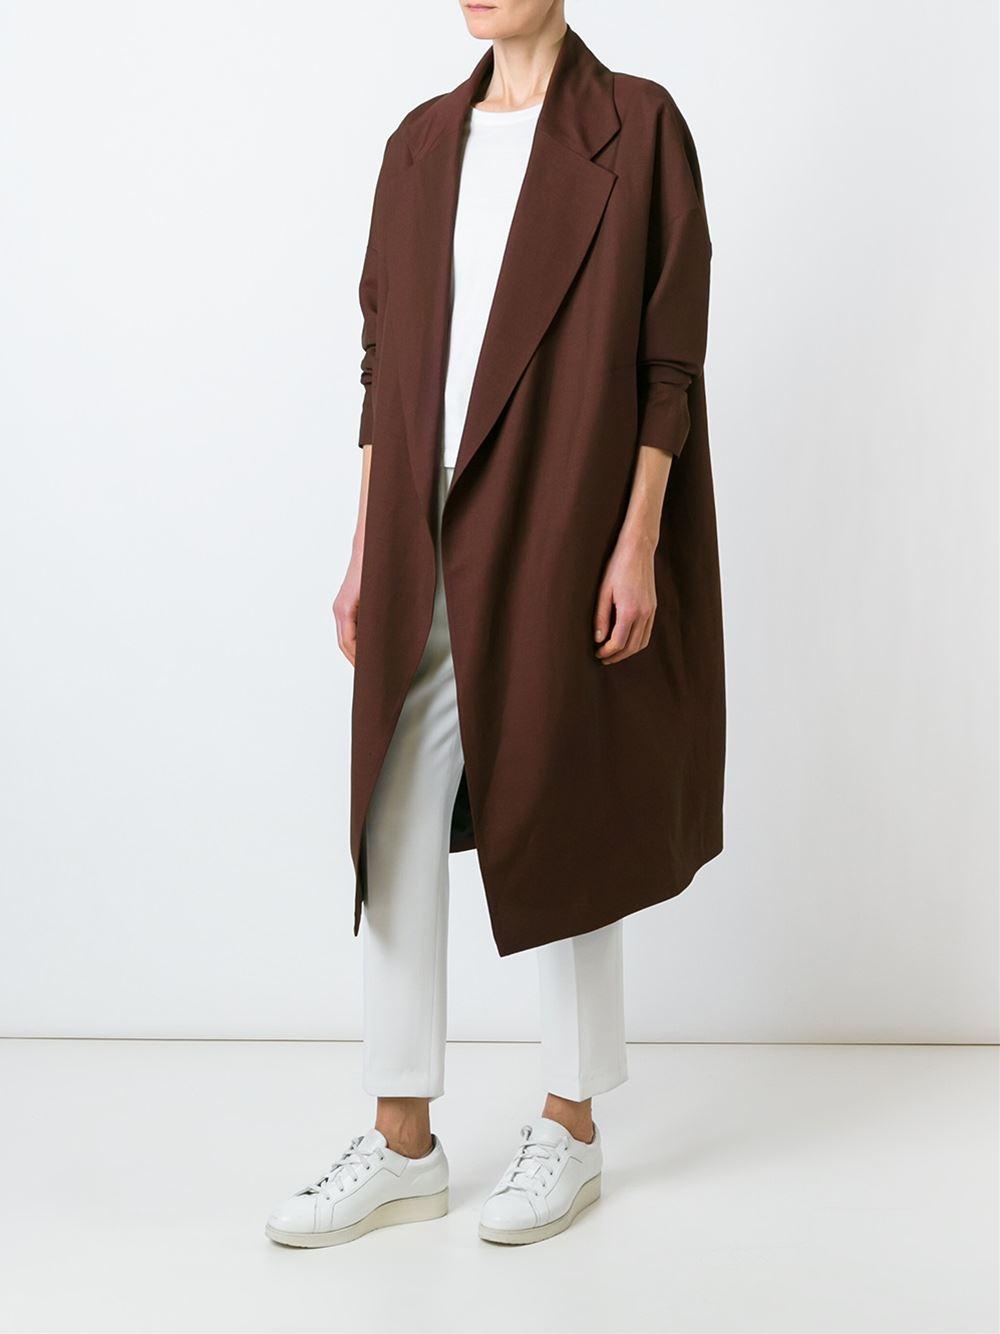 bordeaux-coat_thecolorharmony